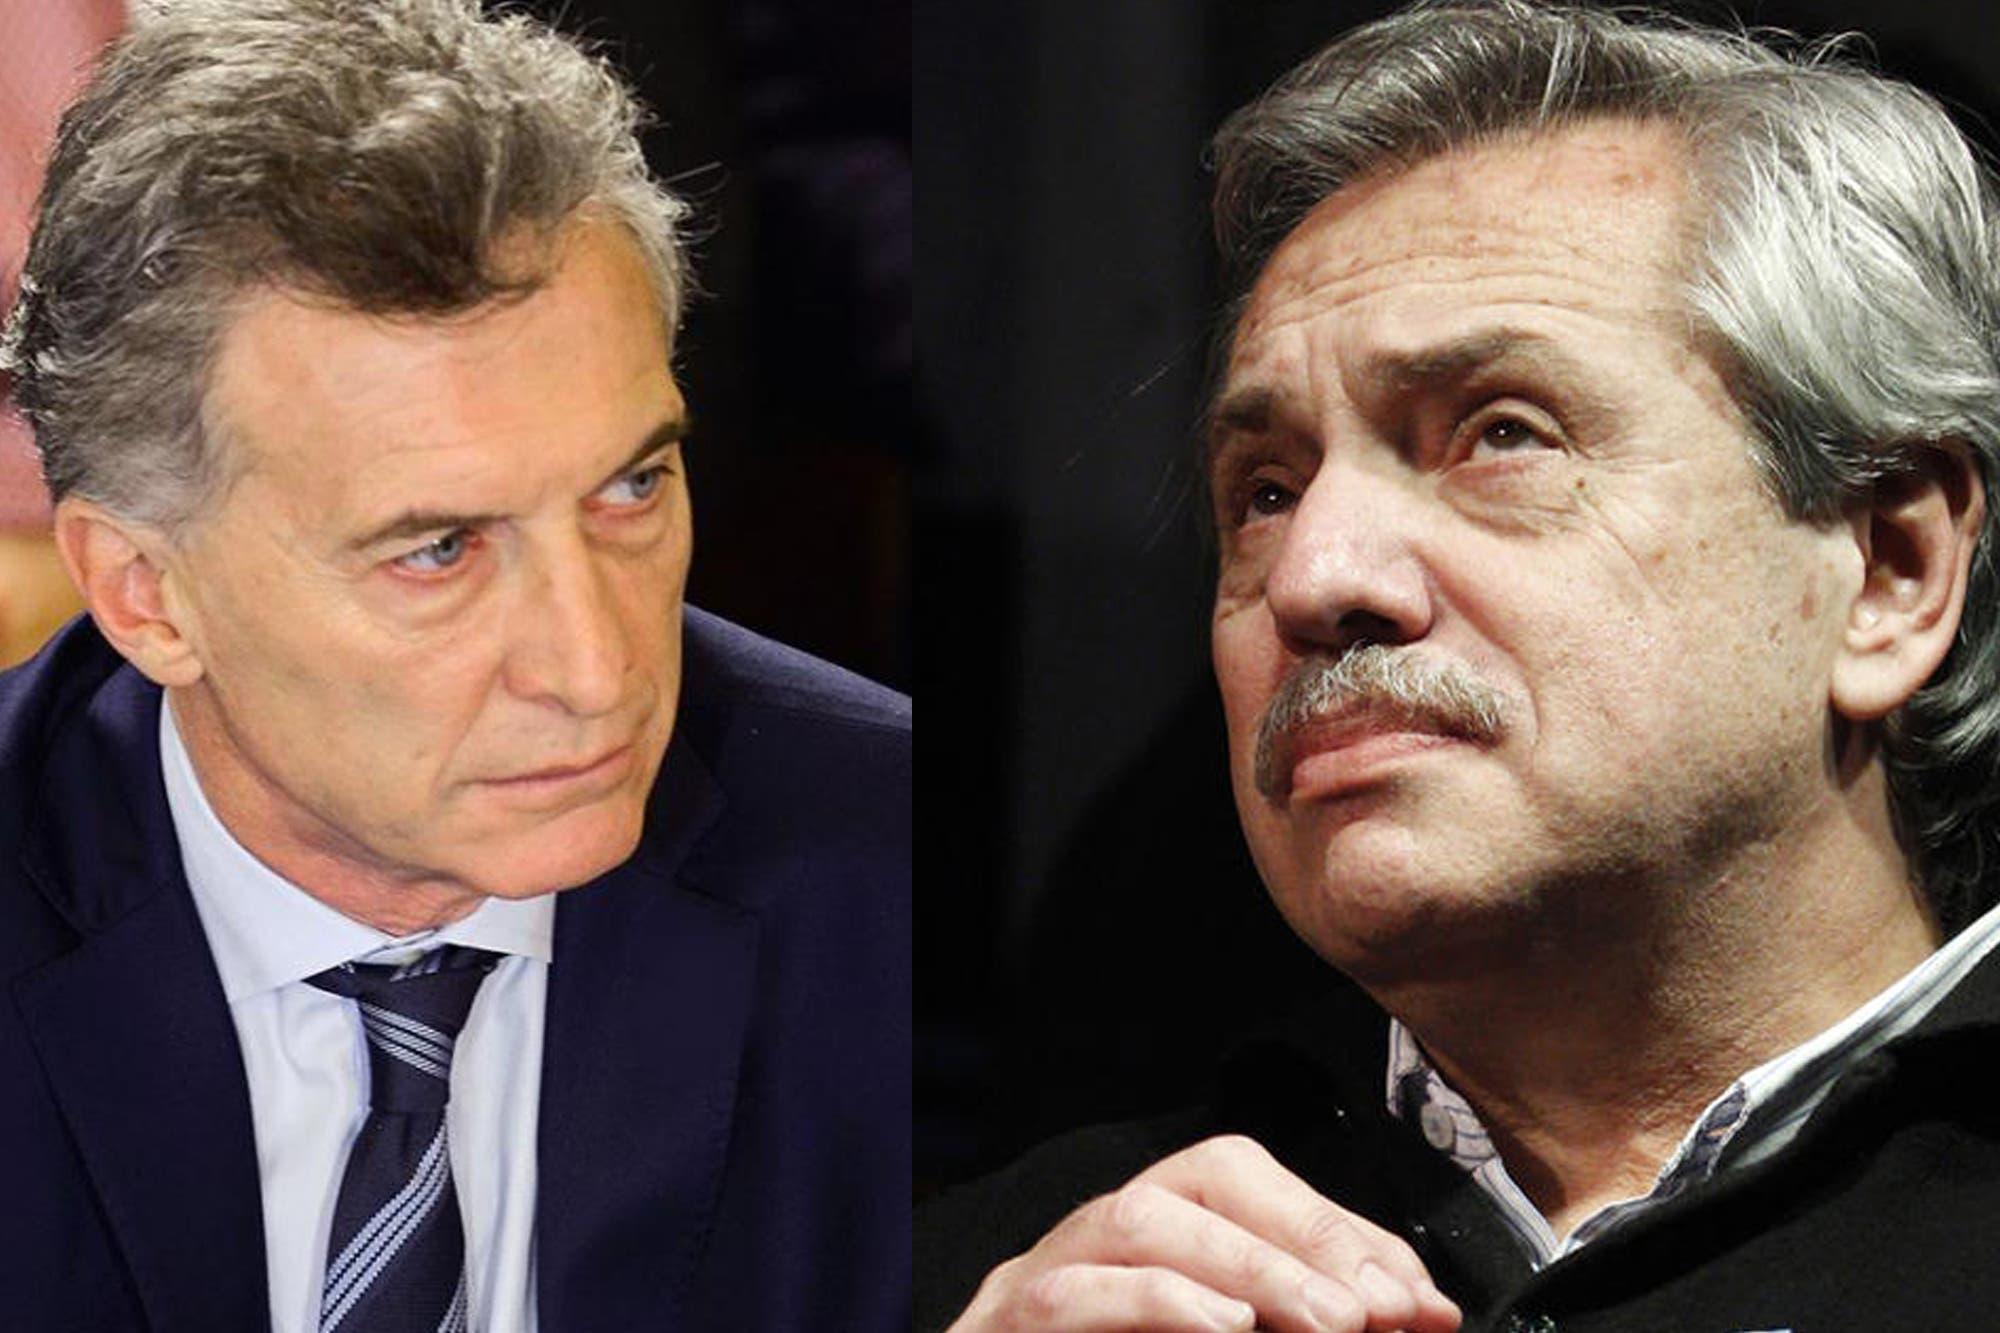 Declaración del Club Político Argentino sobre la campaña electoral